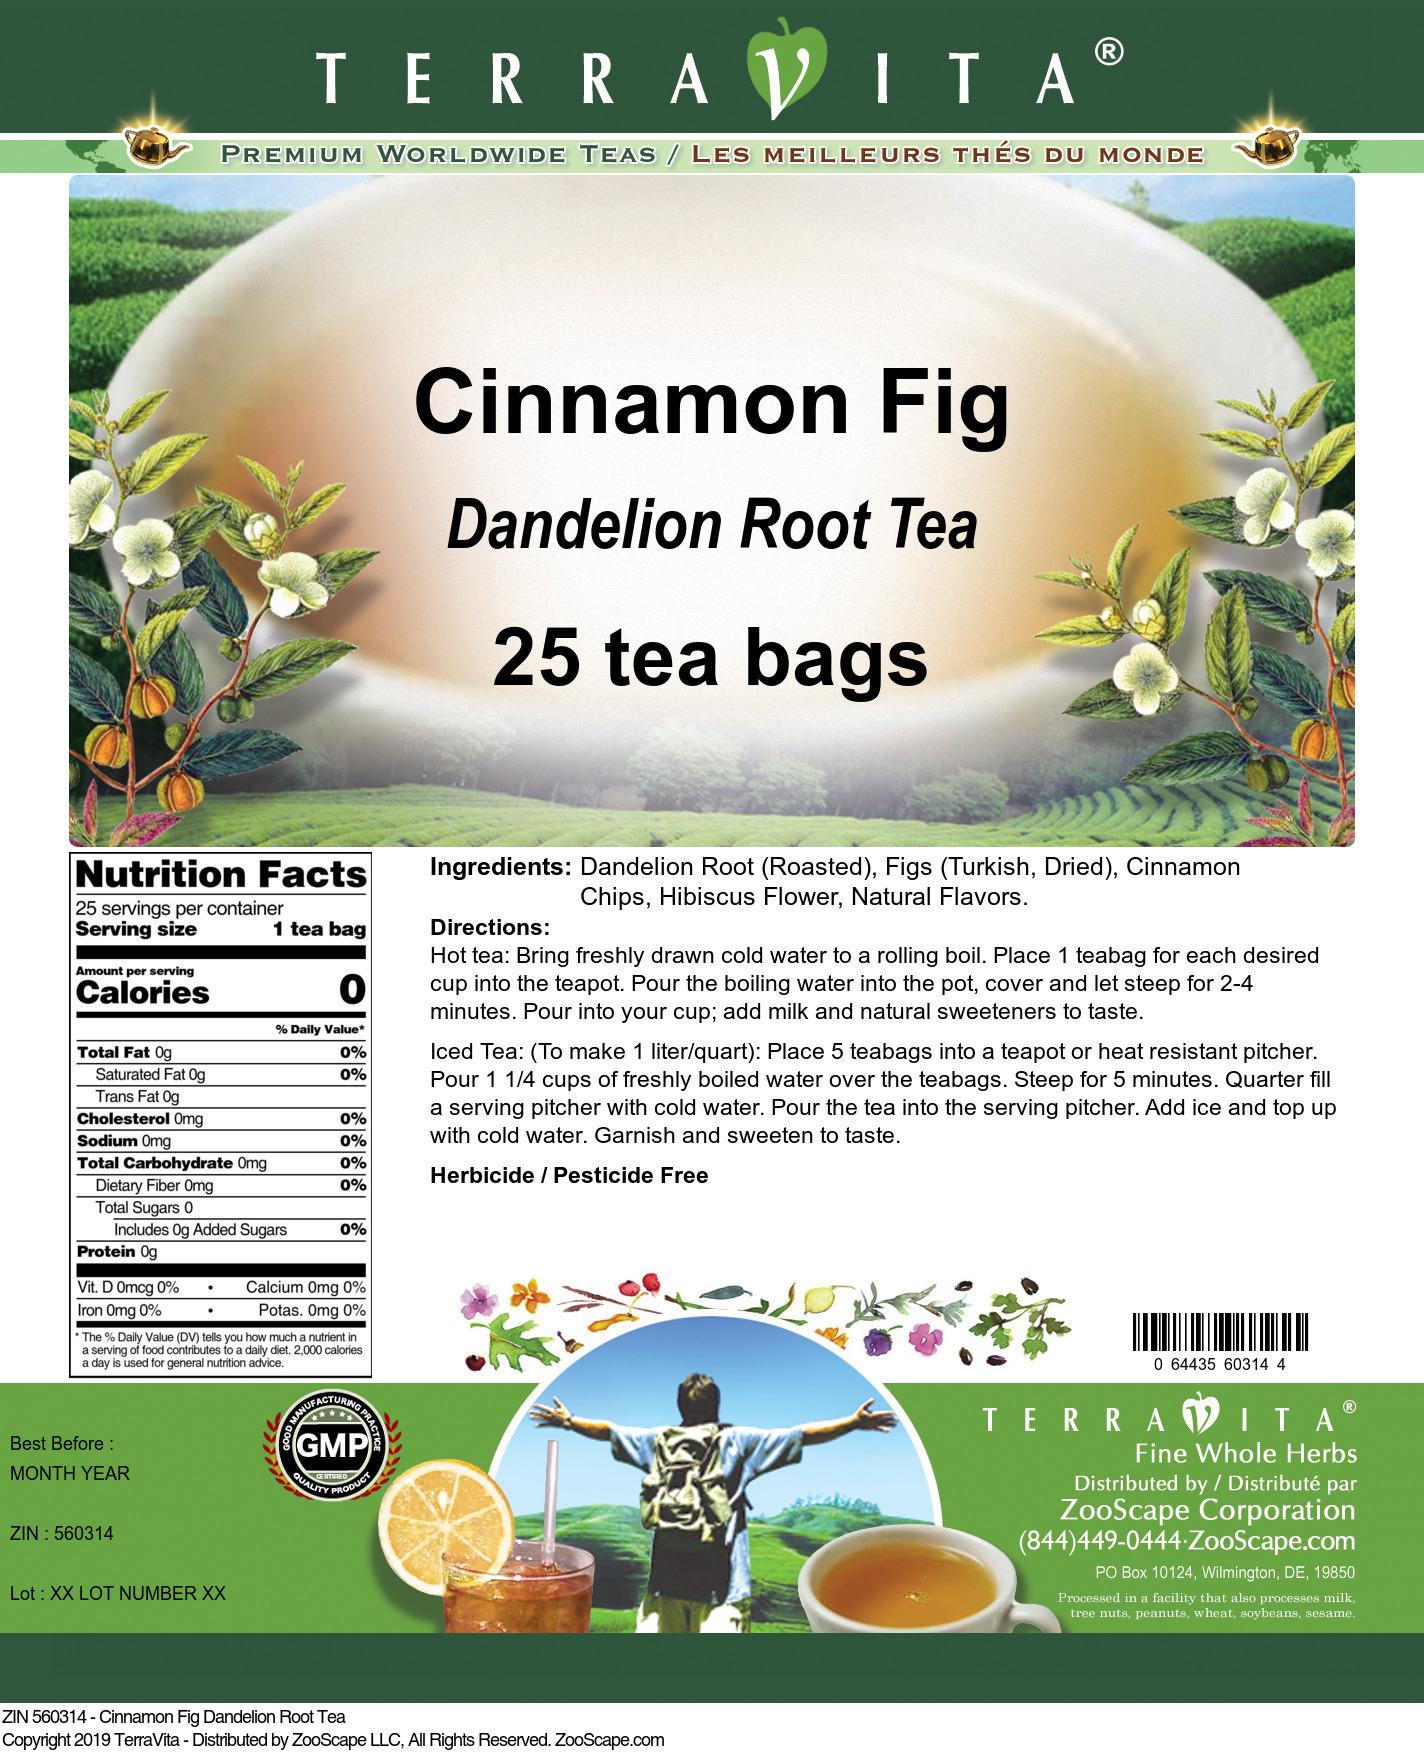 Cinnamon Fig Dandelion Root